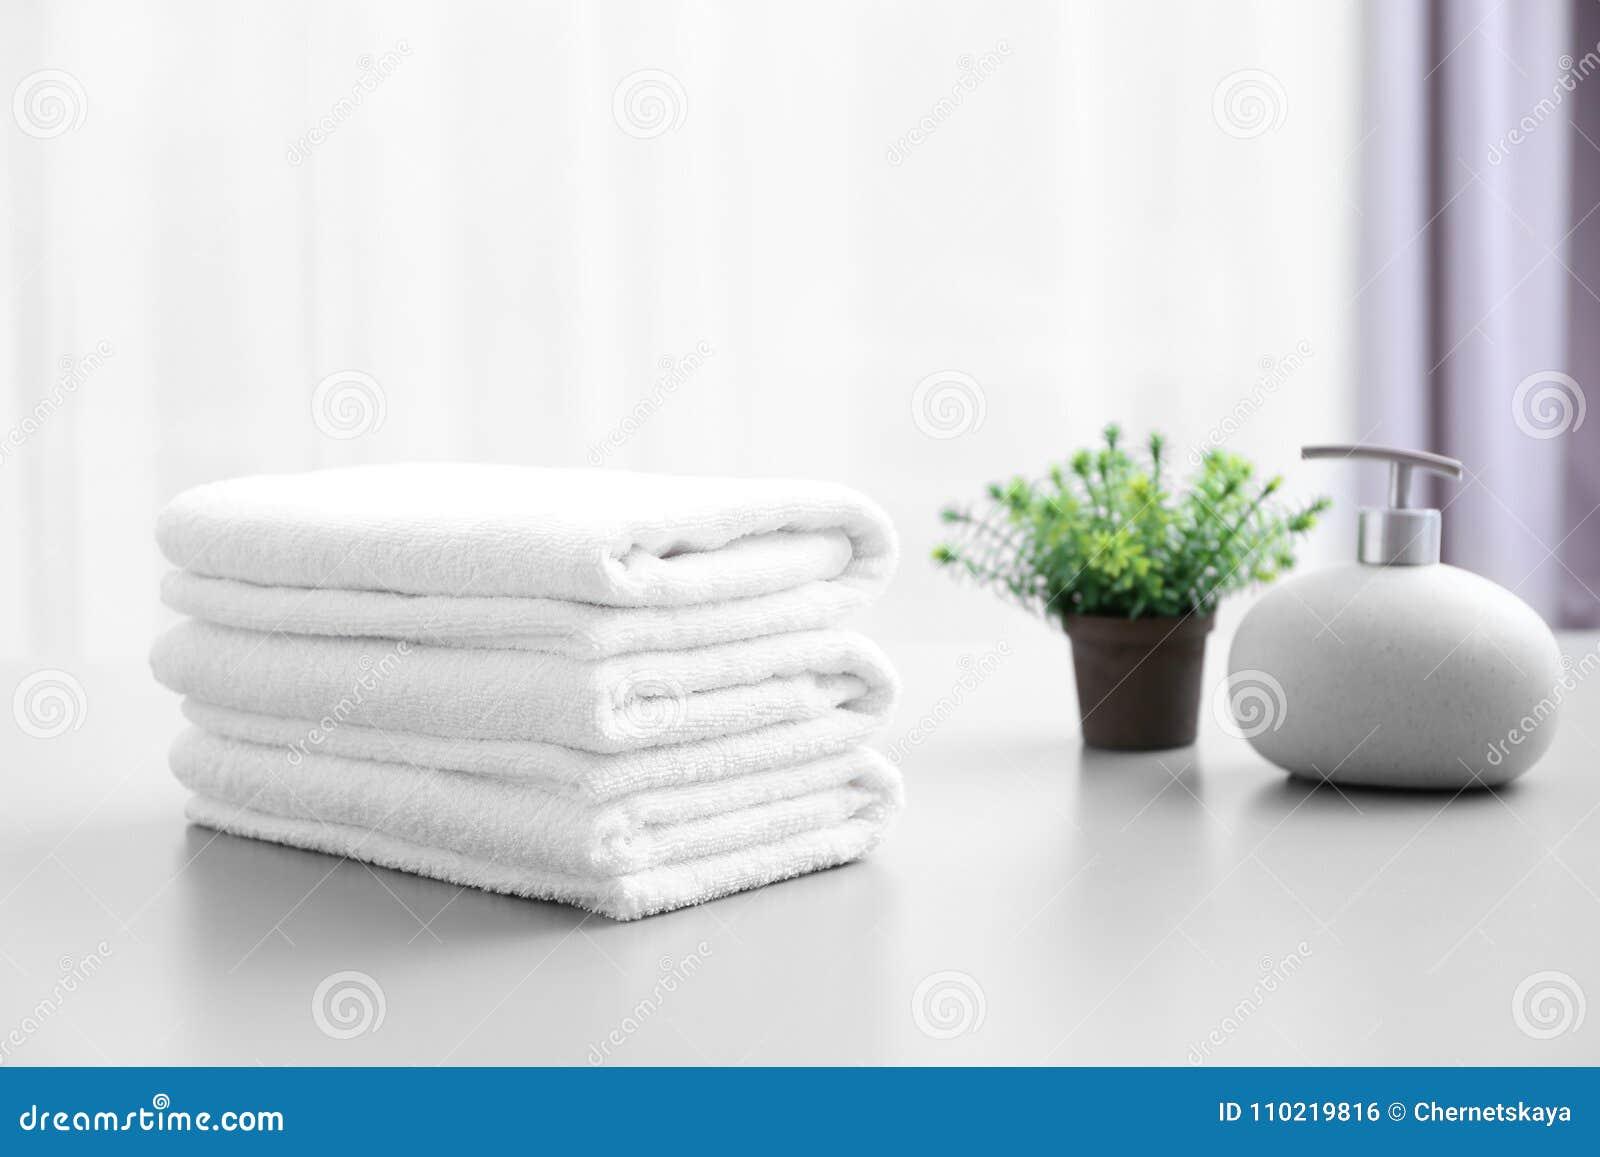 Pila di asciugamani puliti bianchi sulla tavola